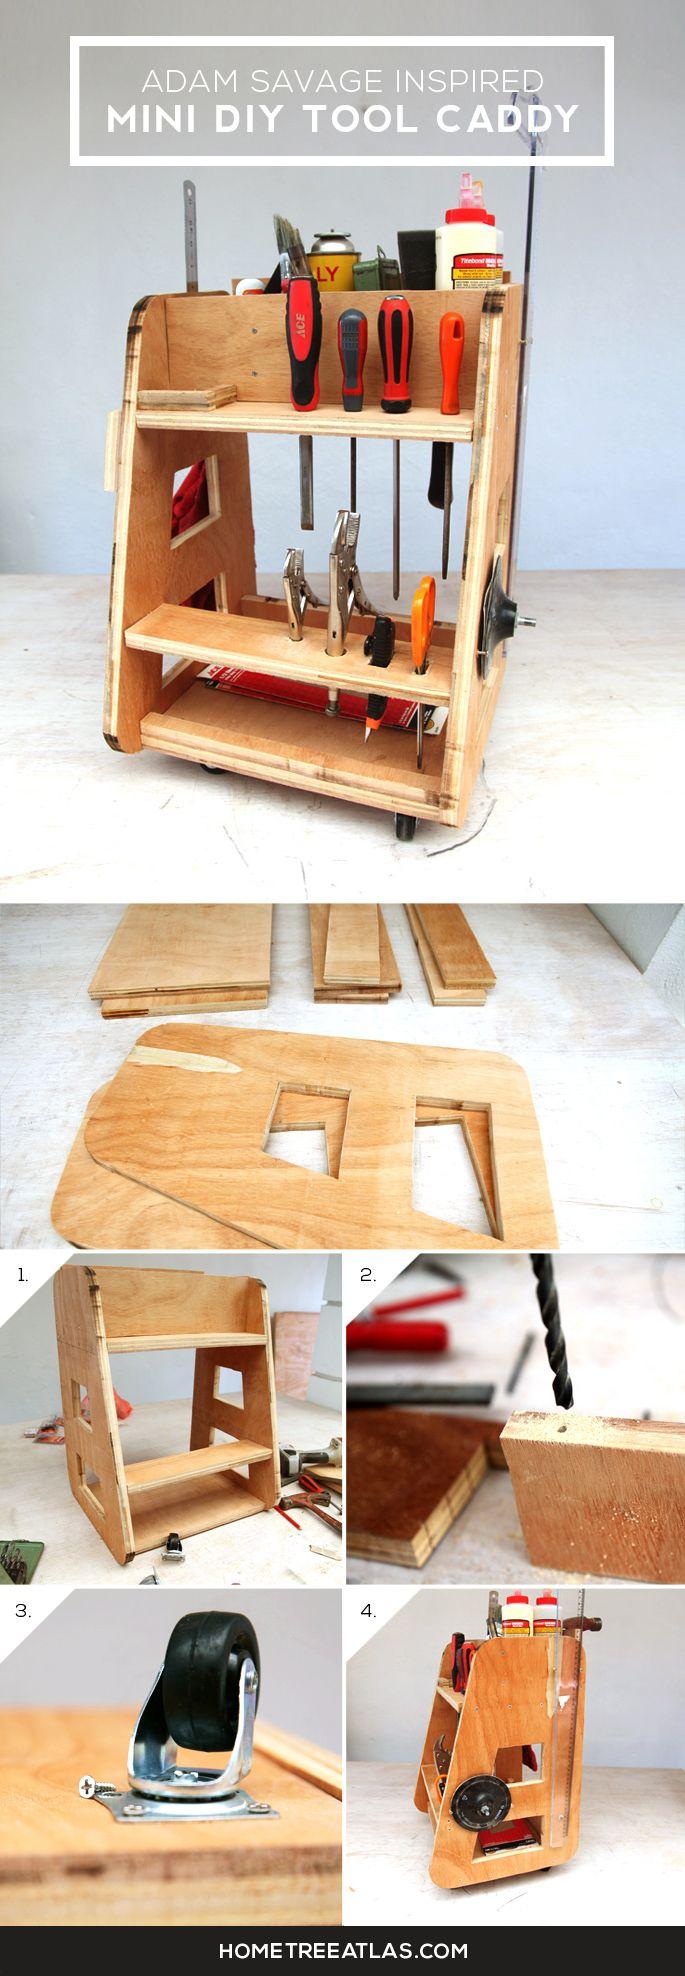 135 besten selber basteln bilder auf pinterest selber basteln kreativit t und bastelei. Black Bedroom Furniture Sets. Home Design Ideas